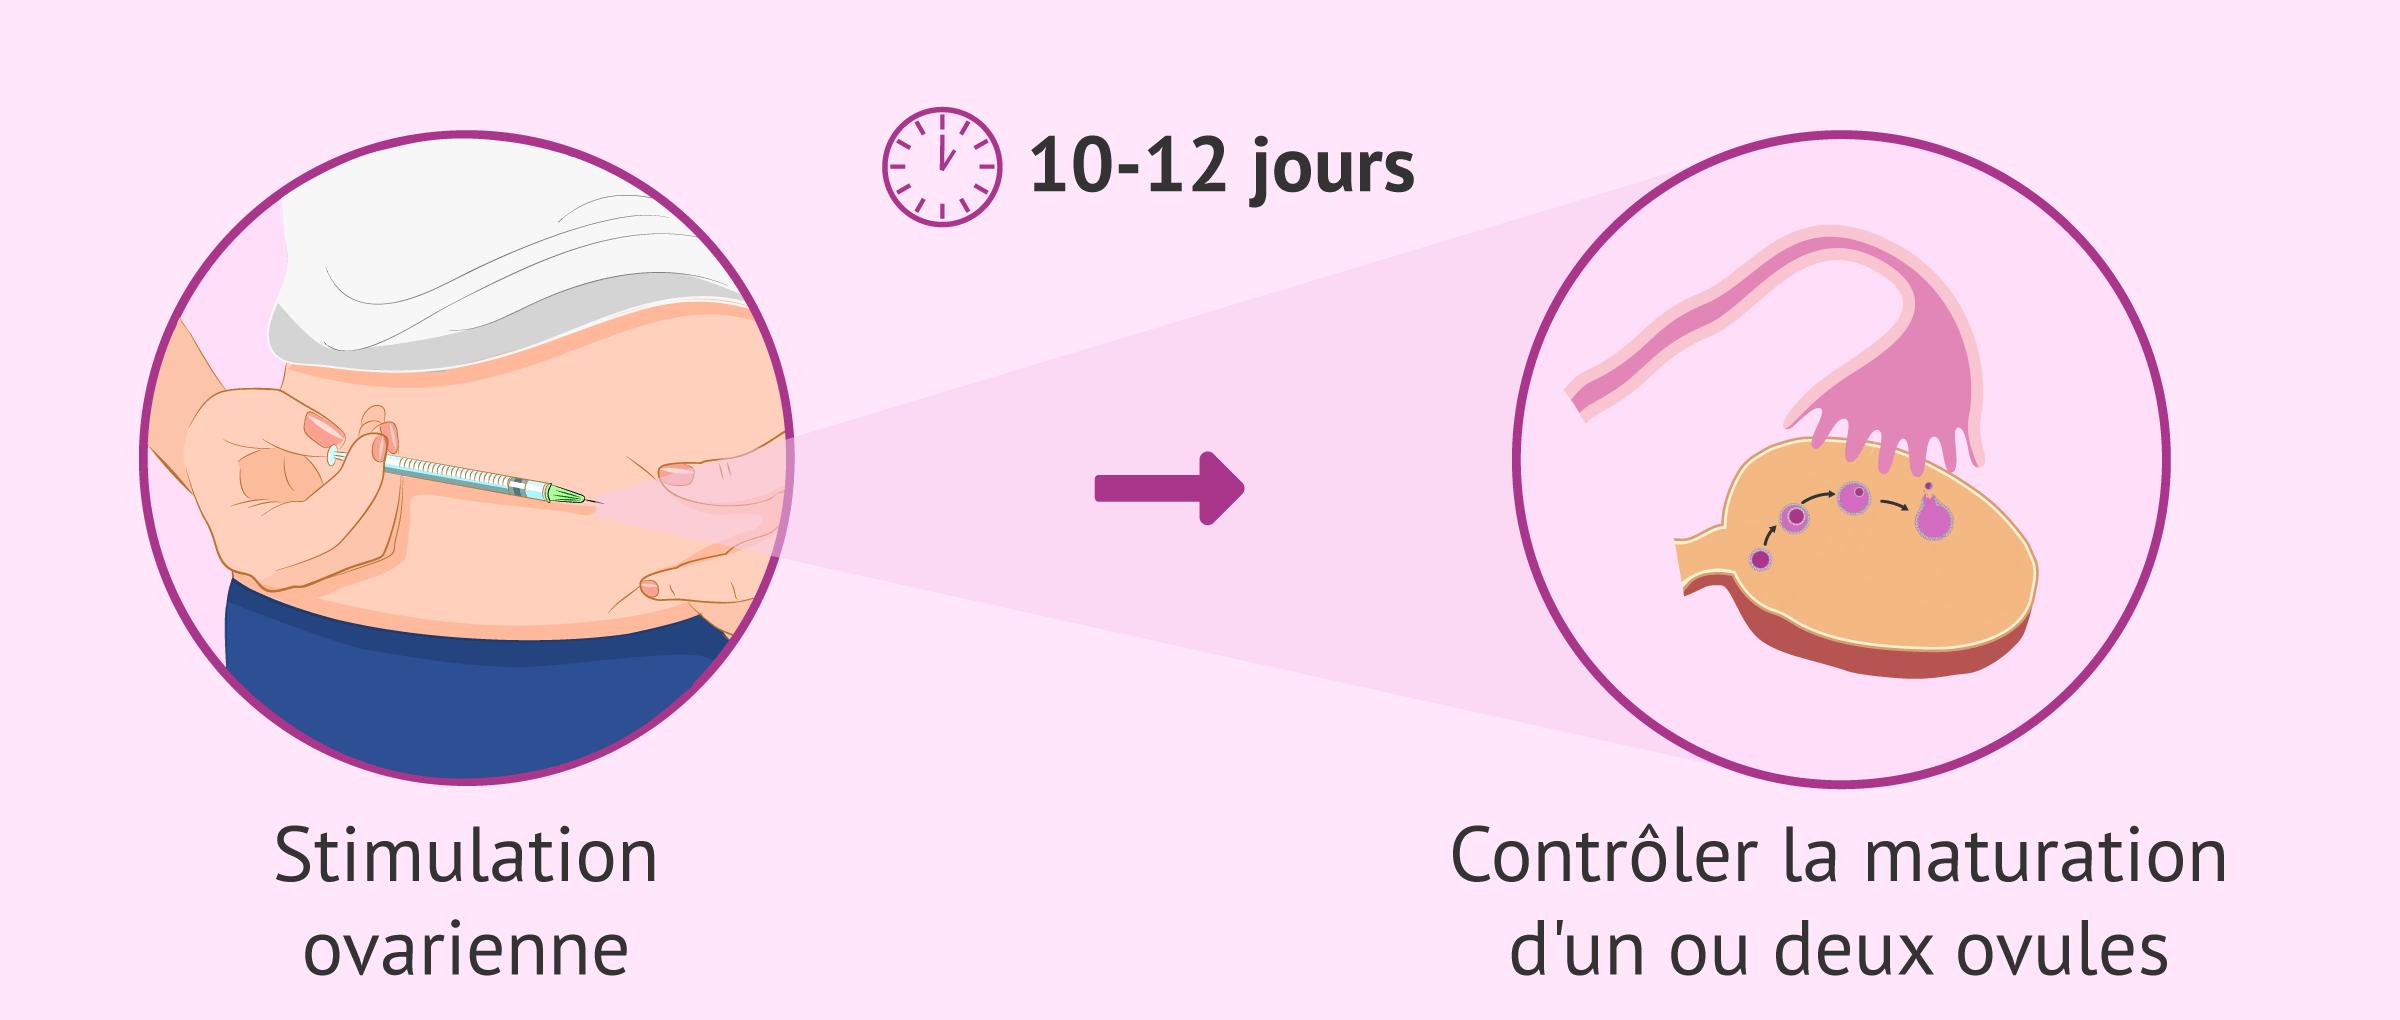 Imagen: La stimulation ovarienne pour contrôler la maturation des ovules